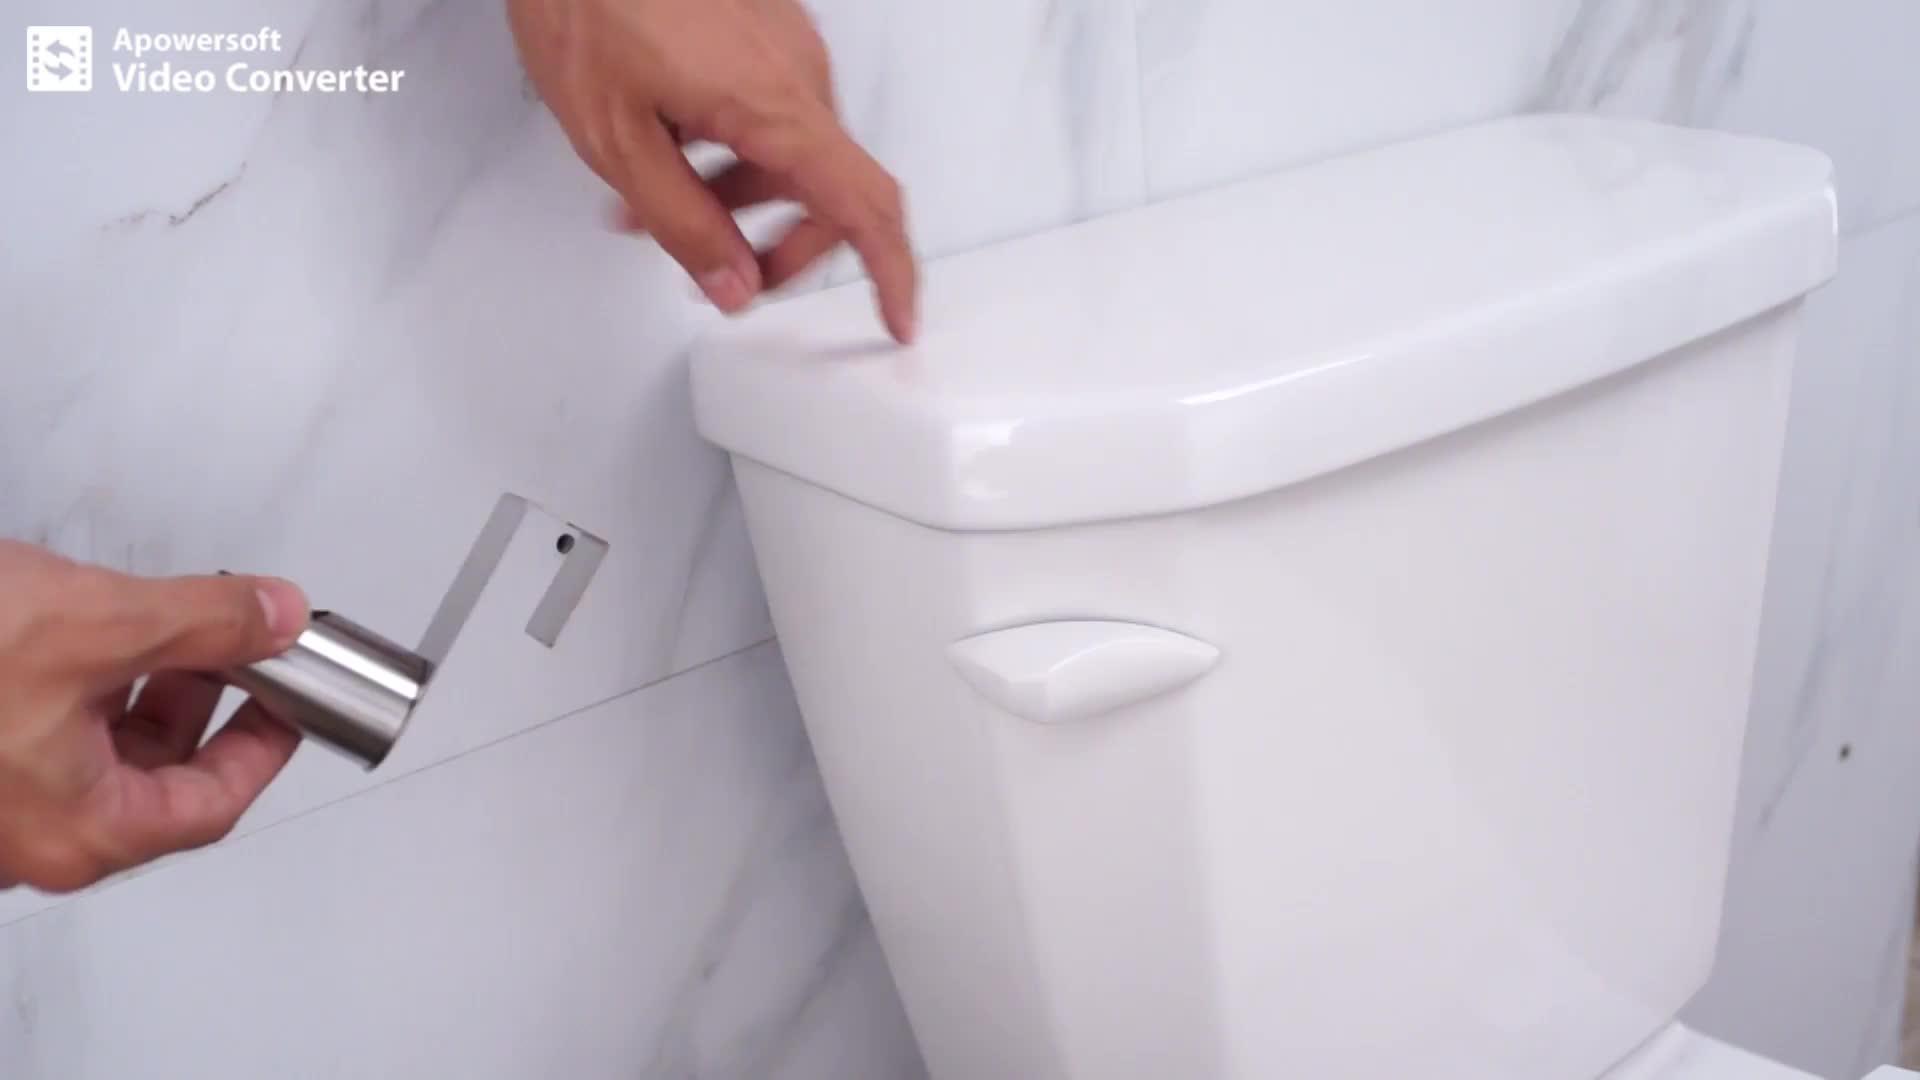 浴室配件便携式旅行 shattaf 黄铜健康水龙头不锈钢 Shattaf 手坐浴盆喷雾器